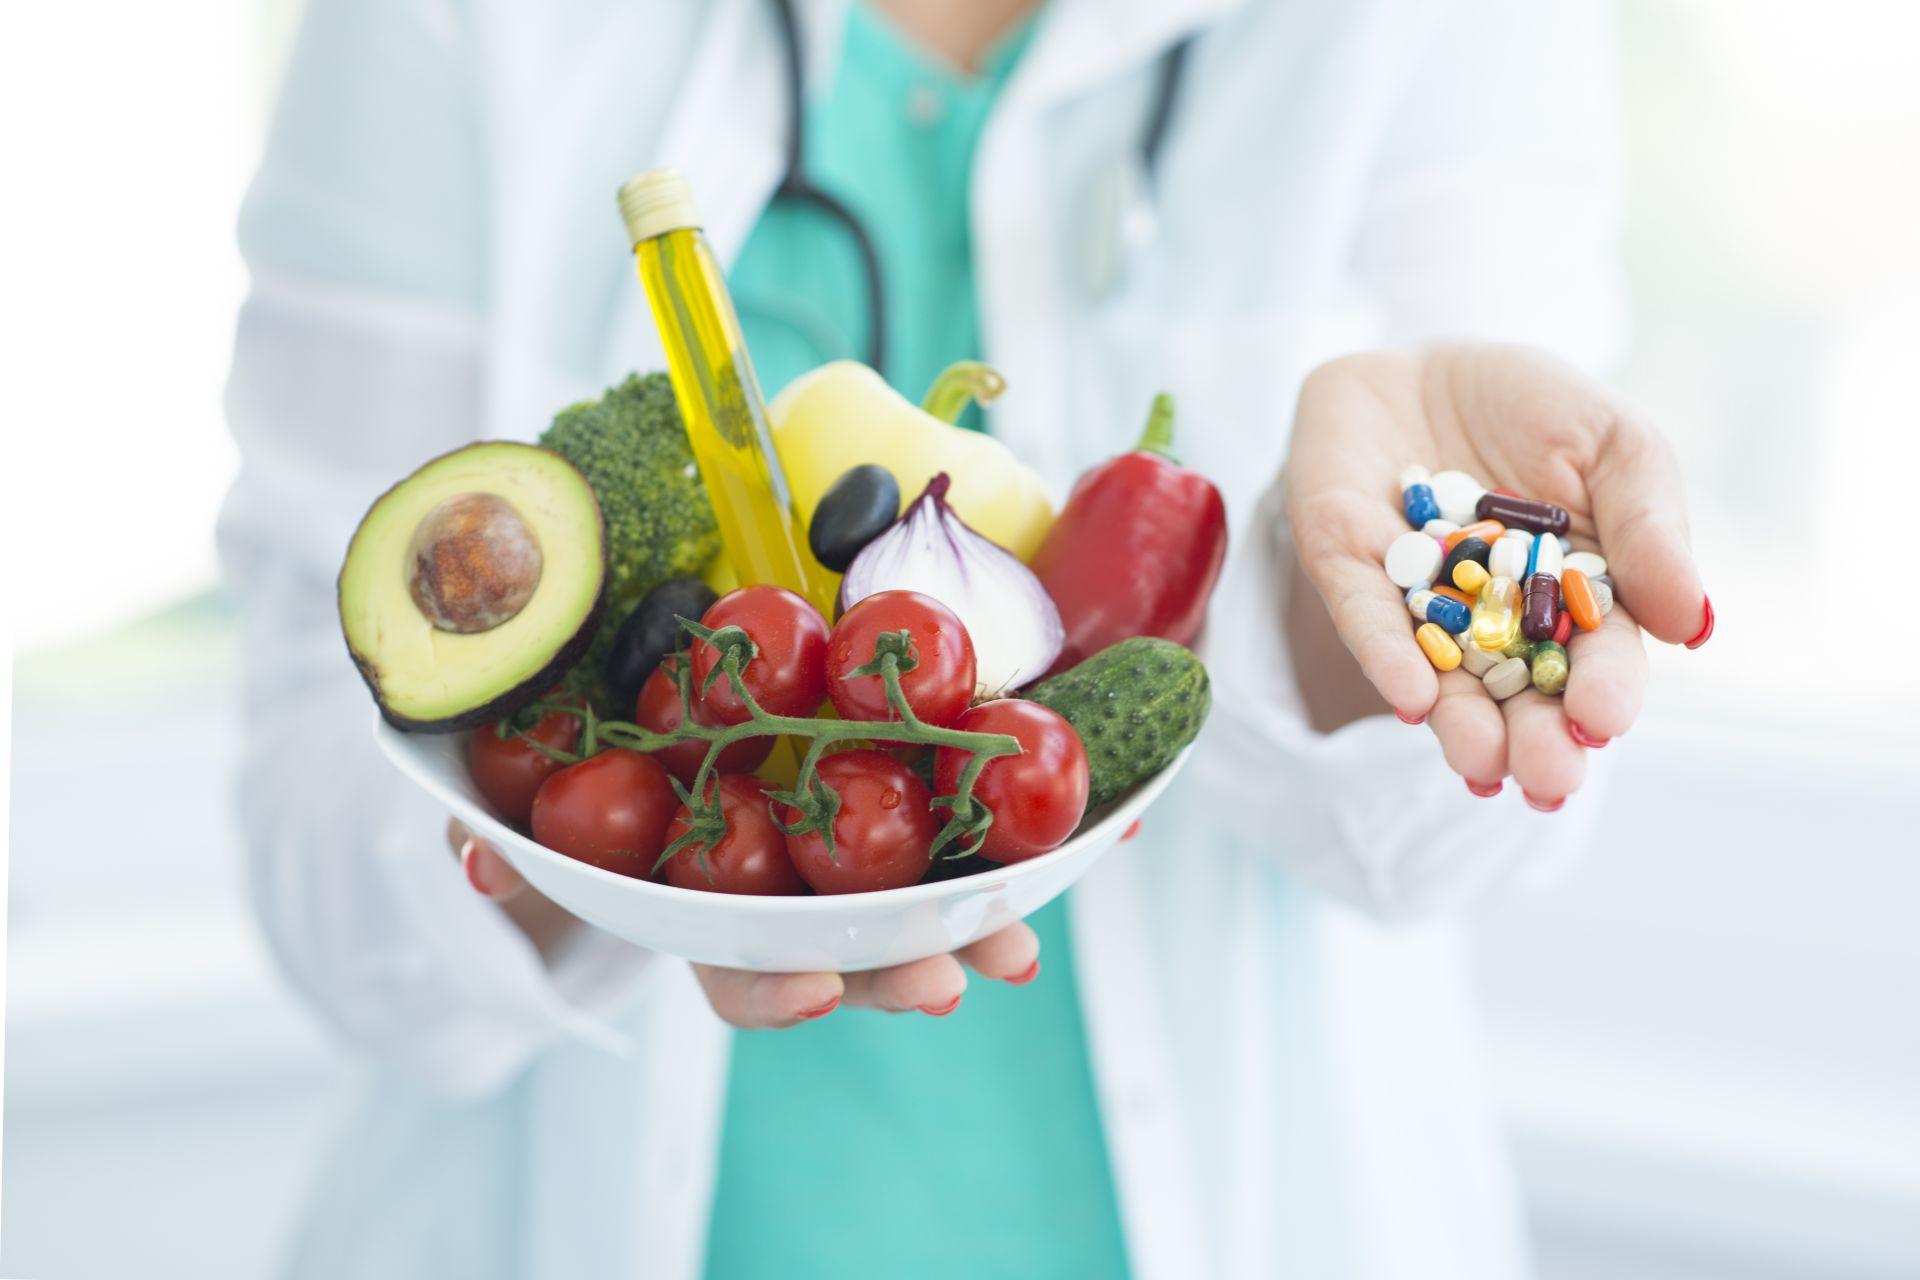 Masz podwyższony cholesterol? Zwróć uwagę na jego rodzaj - dobry i zły cholesterol inaczej wpływają na zdrowie - sprawdź prosty sposób na obniżenie cholesterolu.